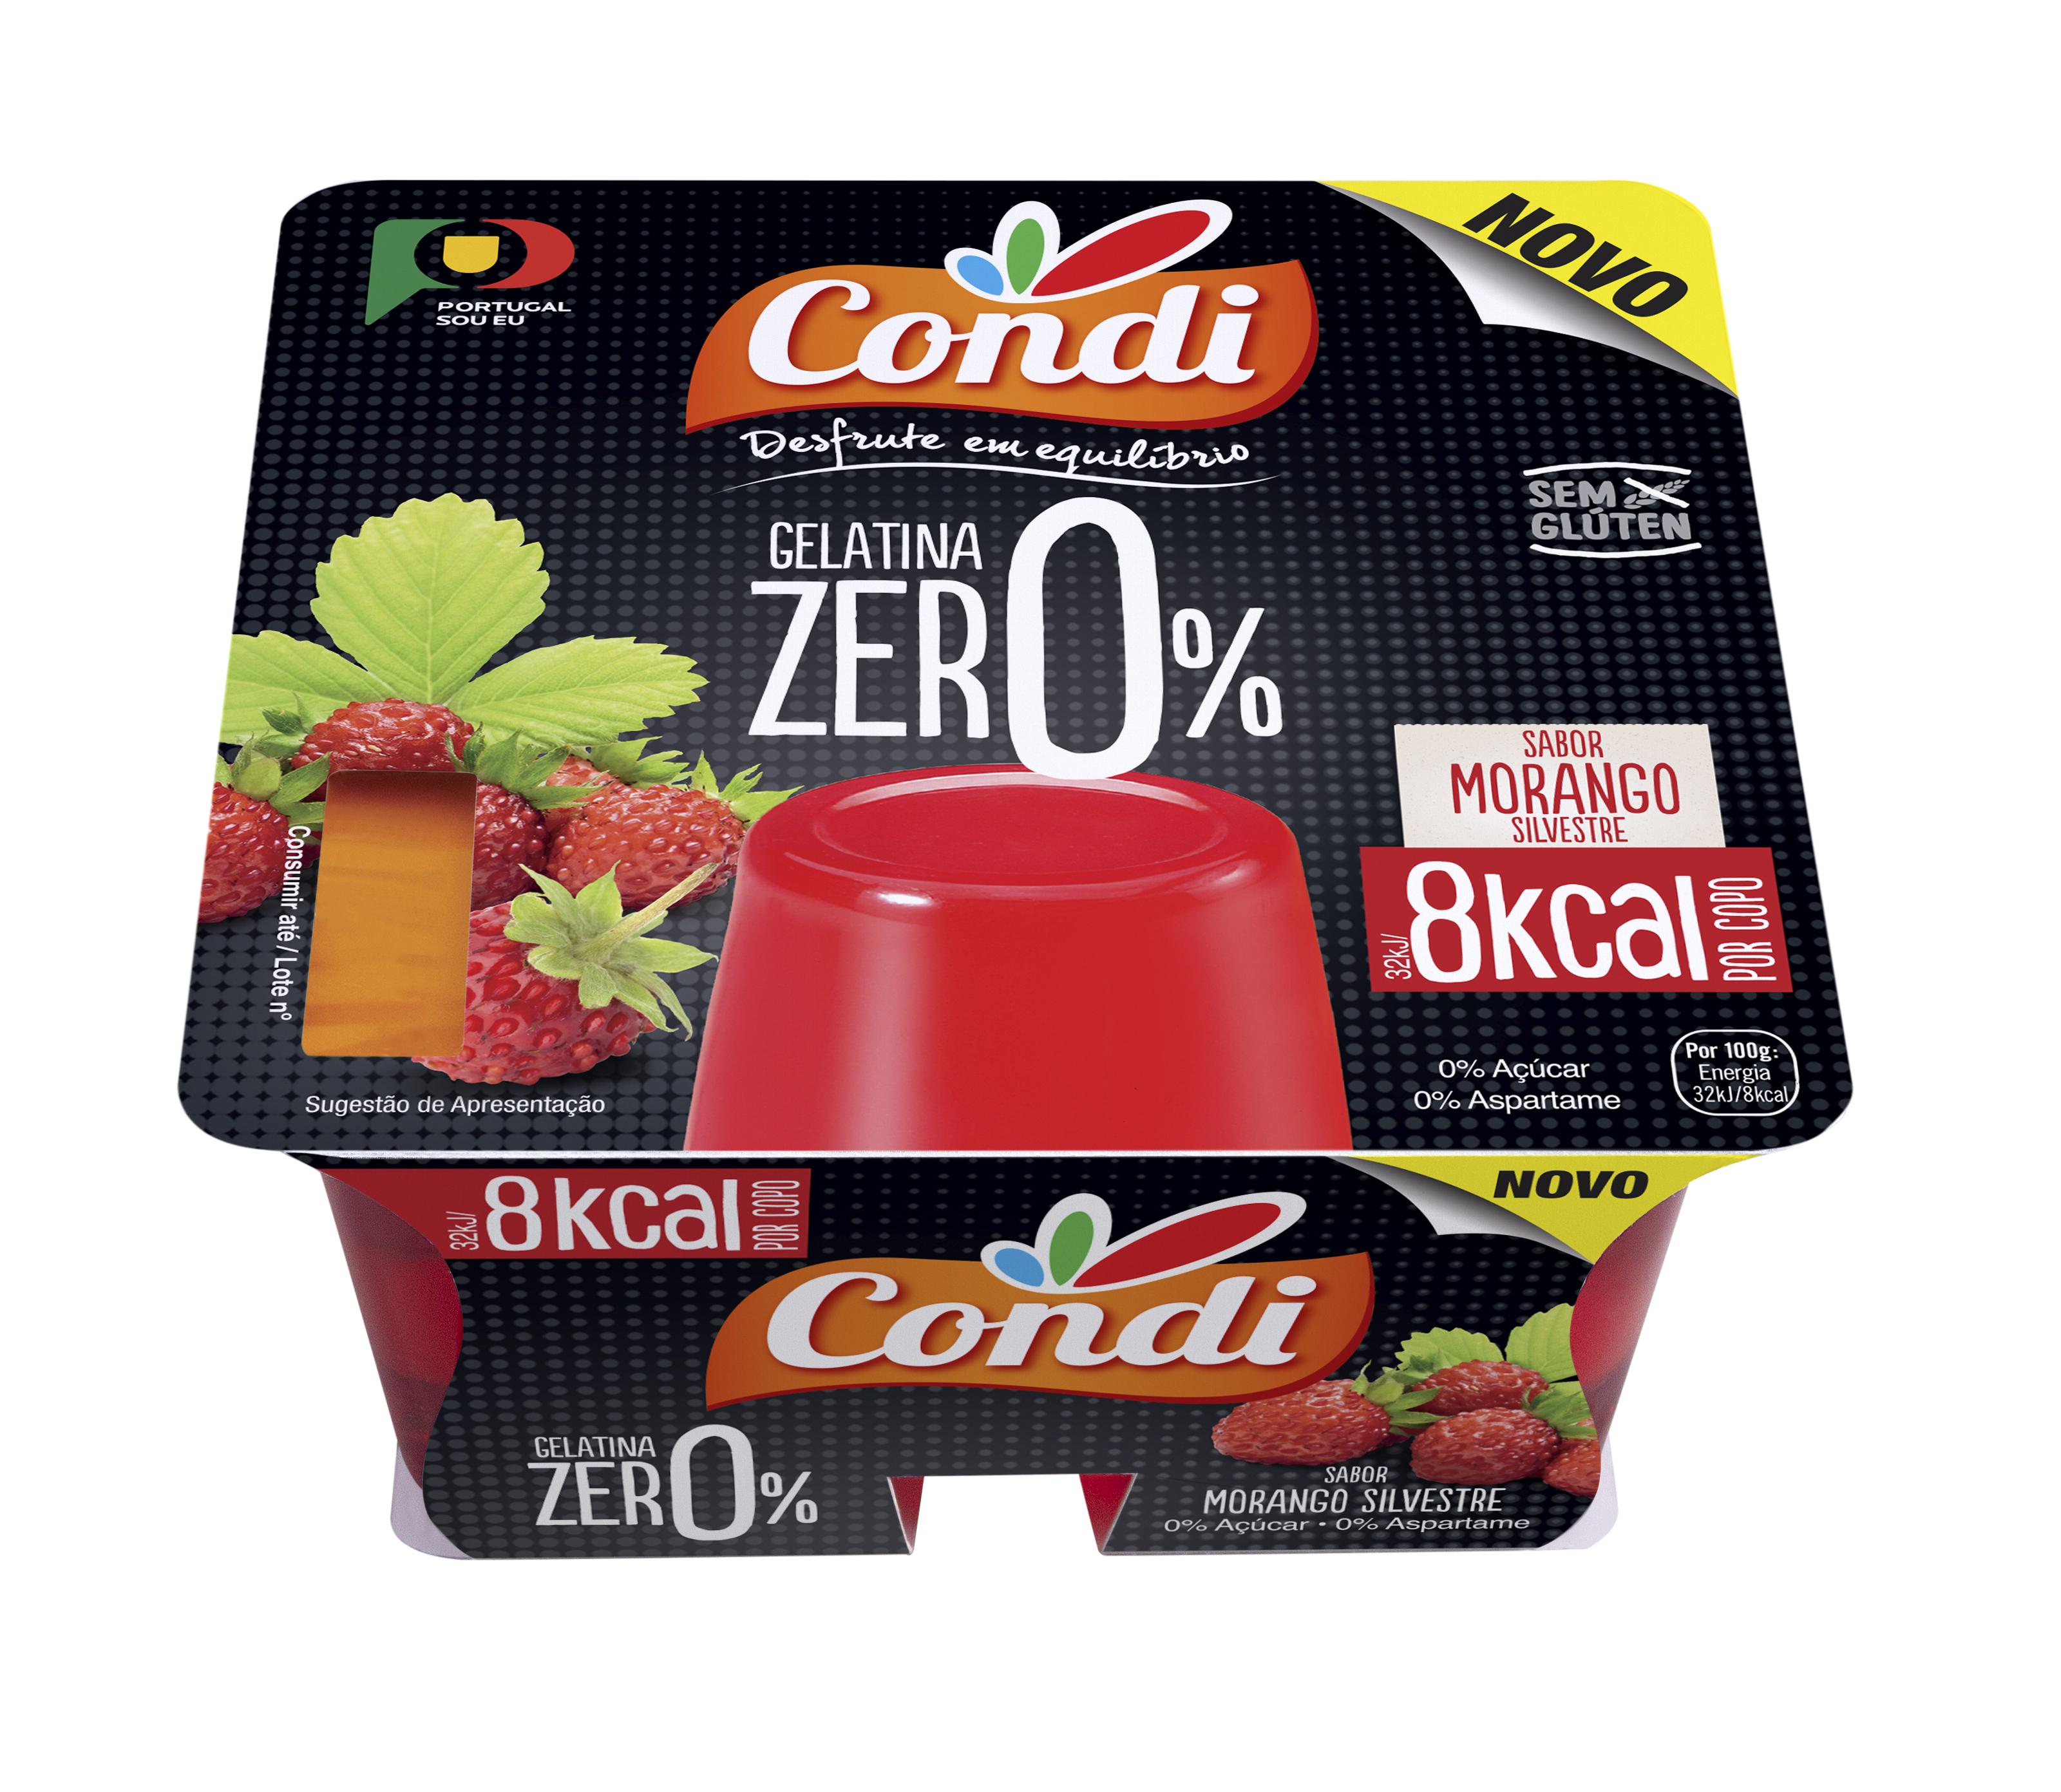 Gelatina Zero Morango Pronta a Comer (Morango) - PVP 1.94€